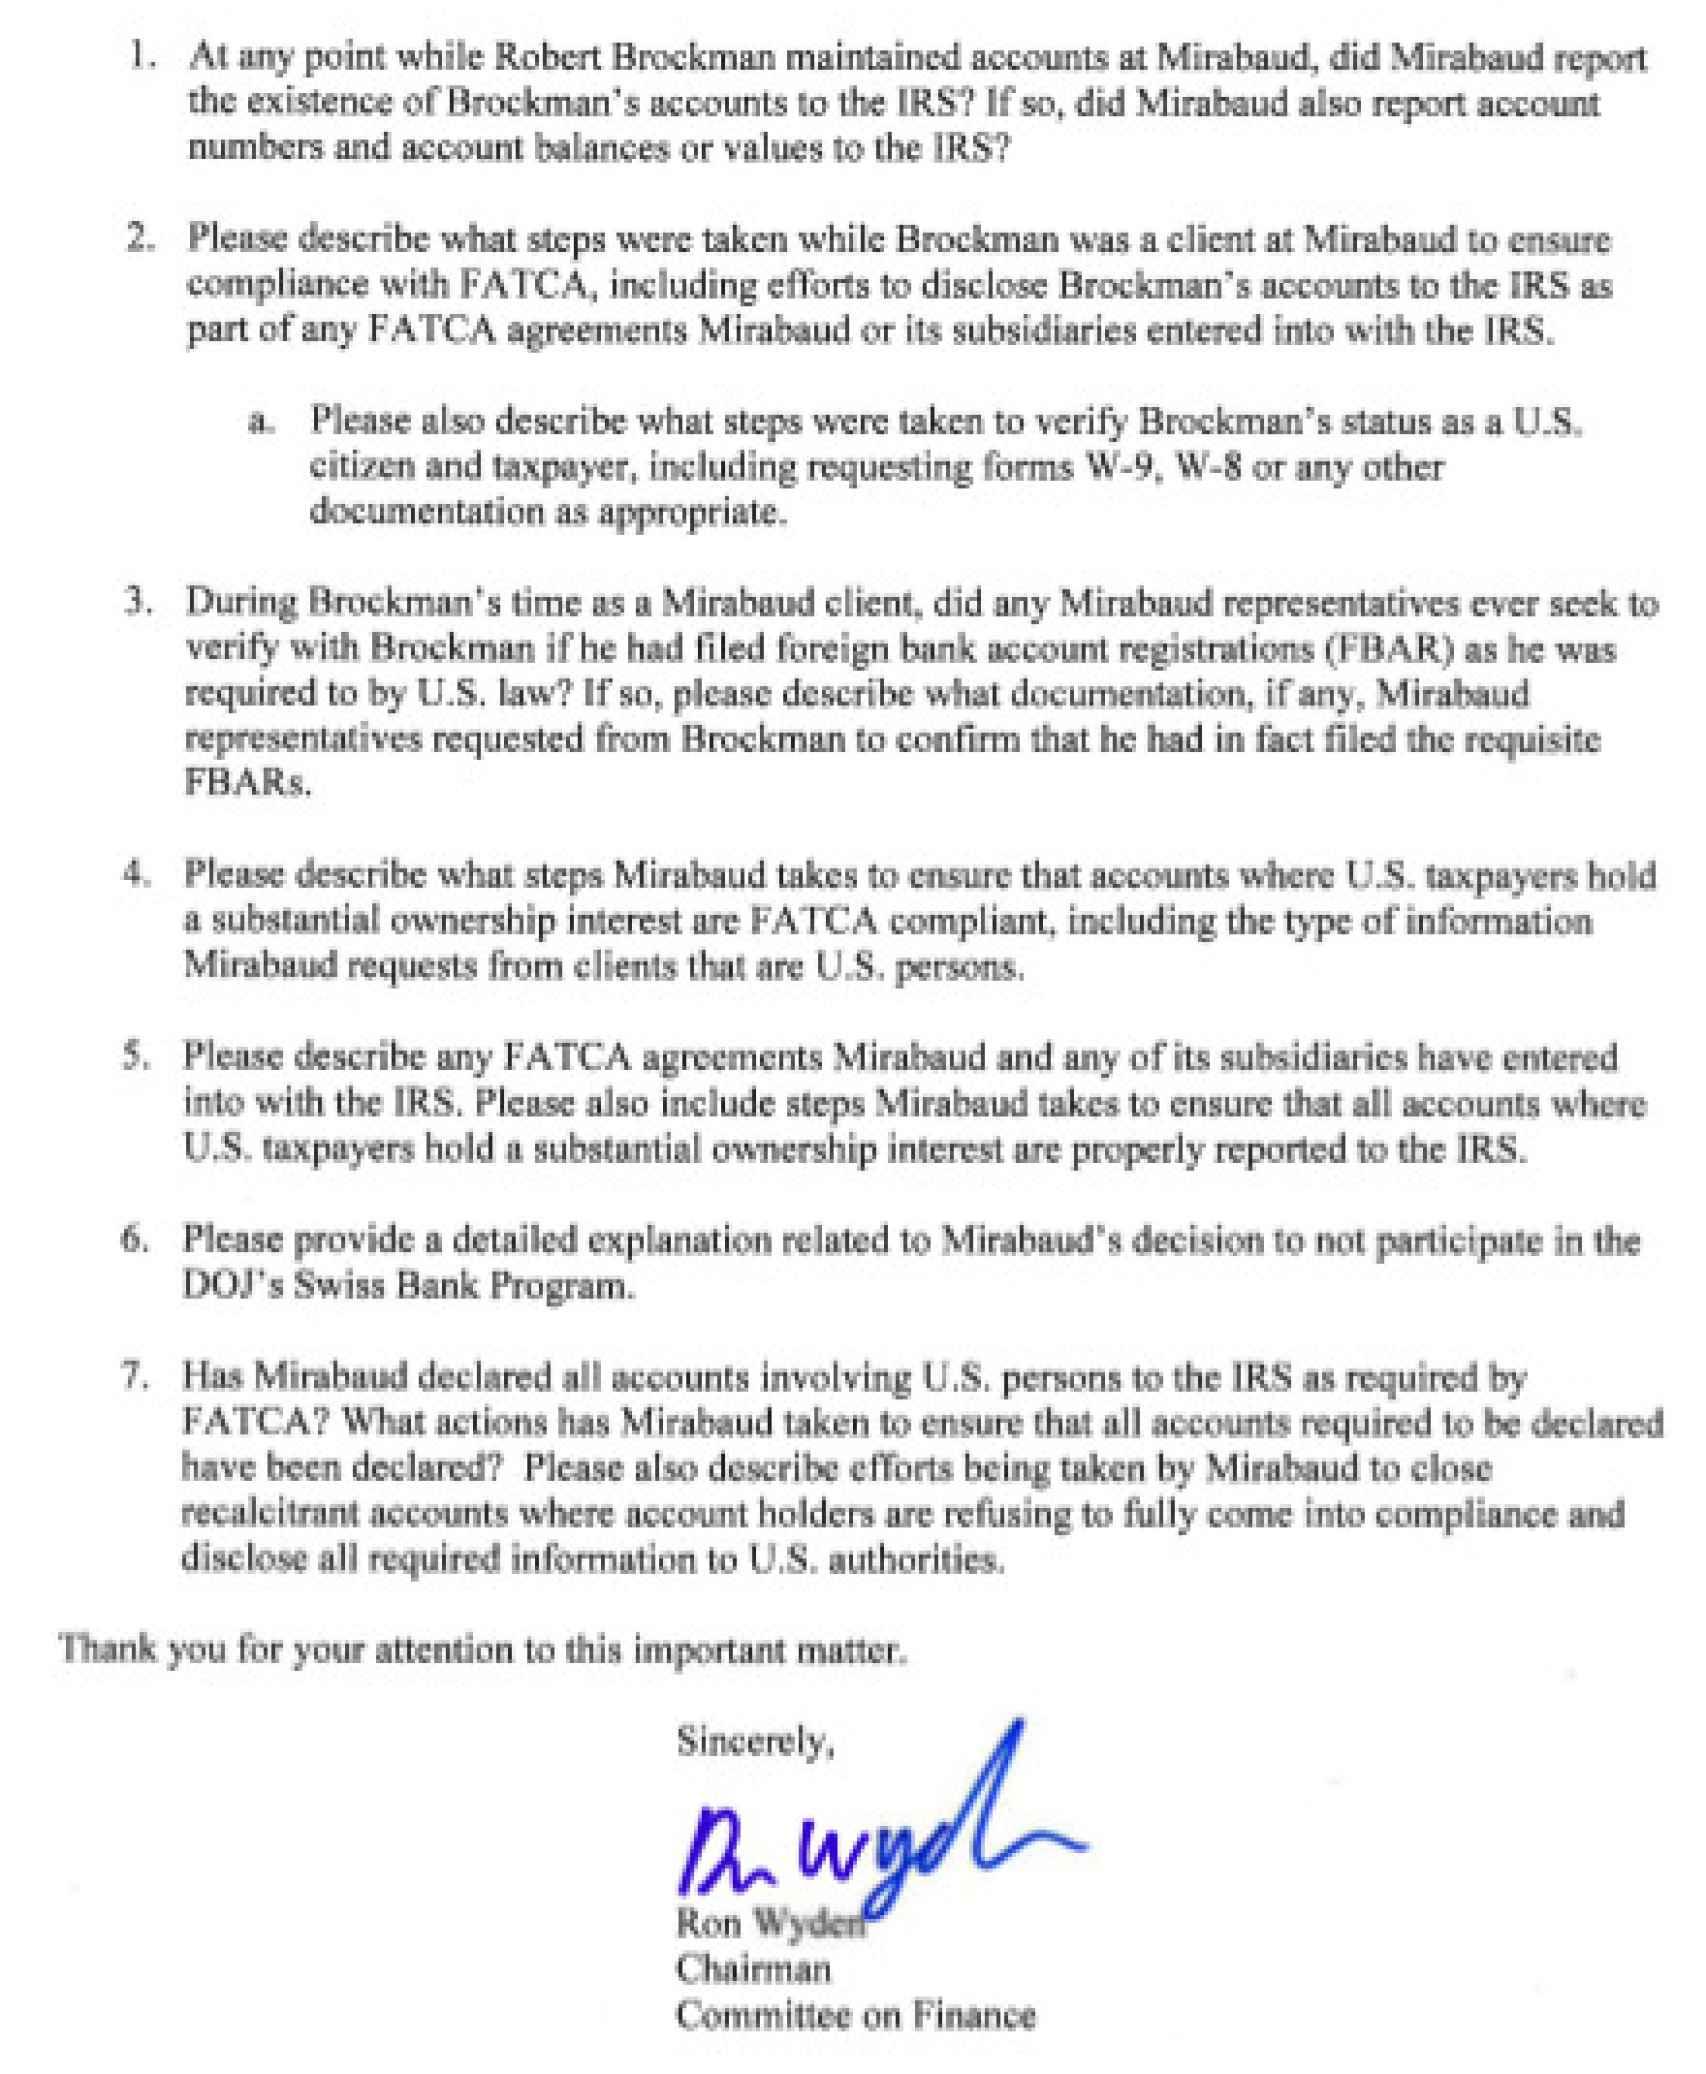 Las siete preguntas del Comité de Finanzas del Senado de EEUU a Yves Mirabaud.